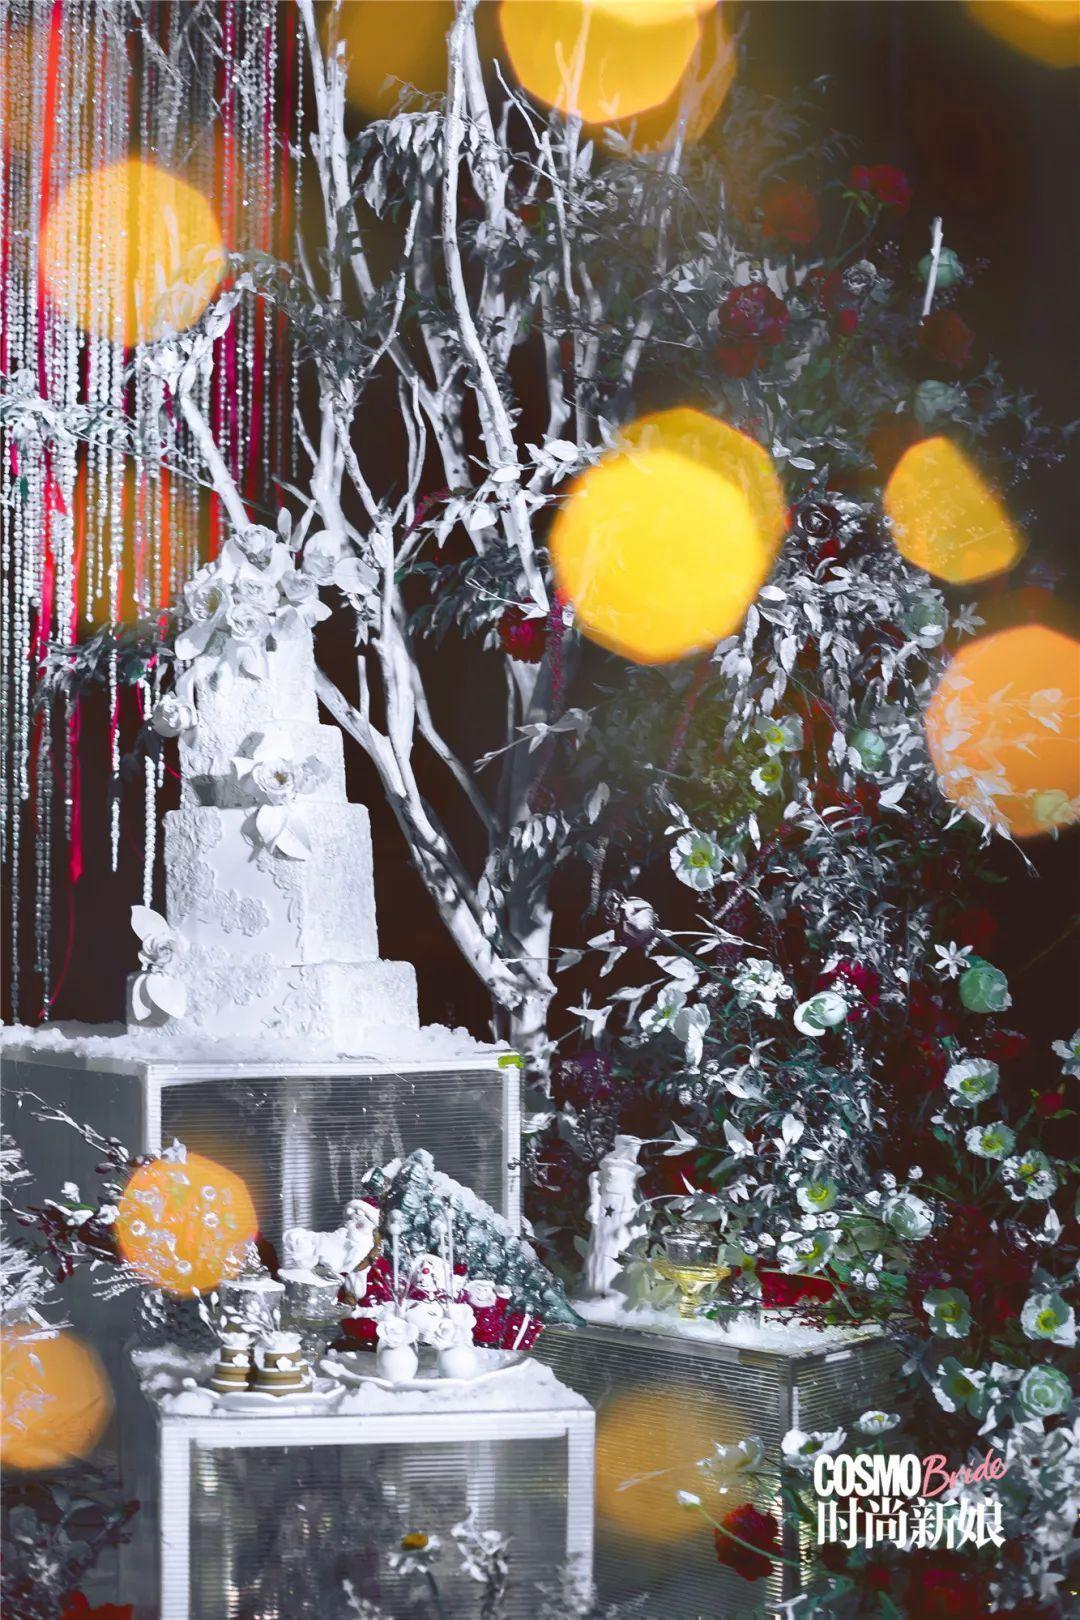 冬季冰雪自带香气?巧用花艺让整场婚礼光芒闪耀